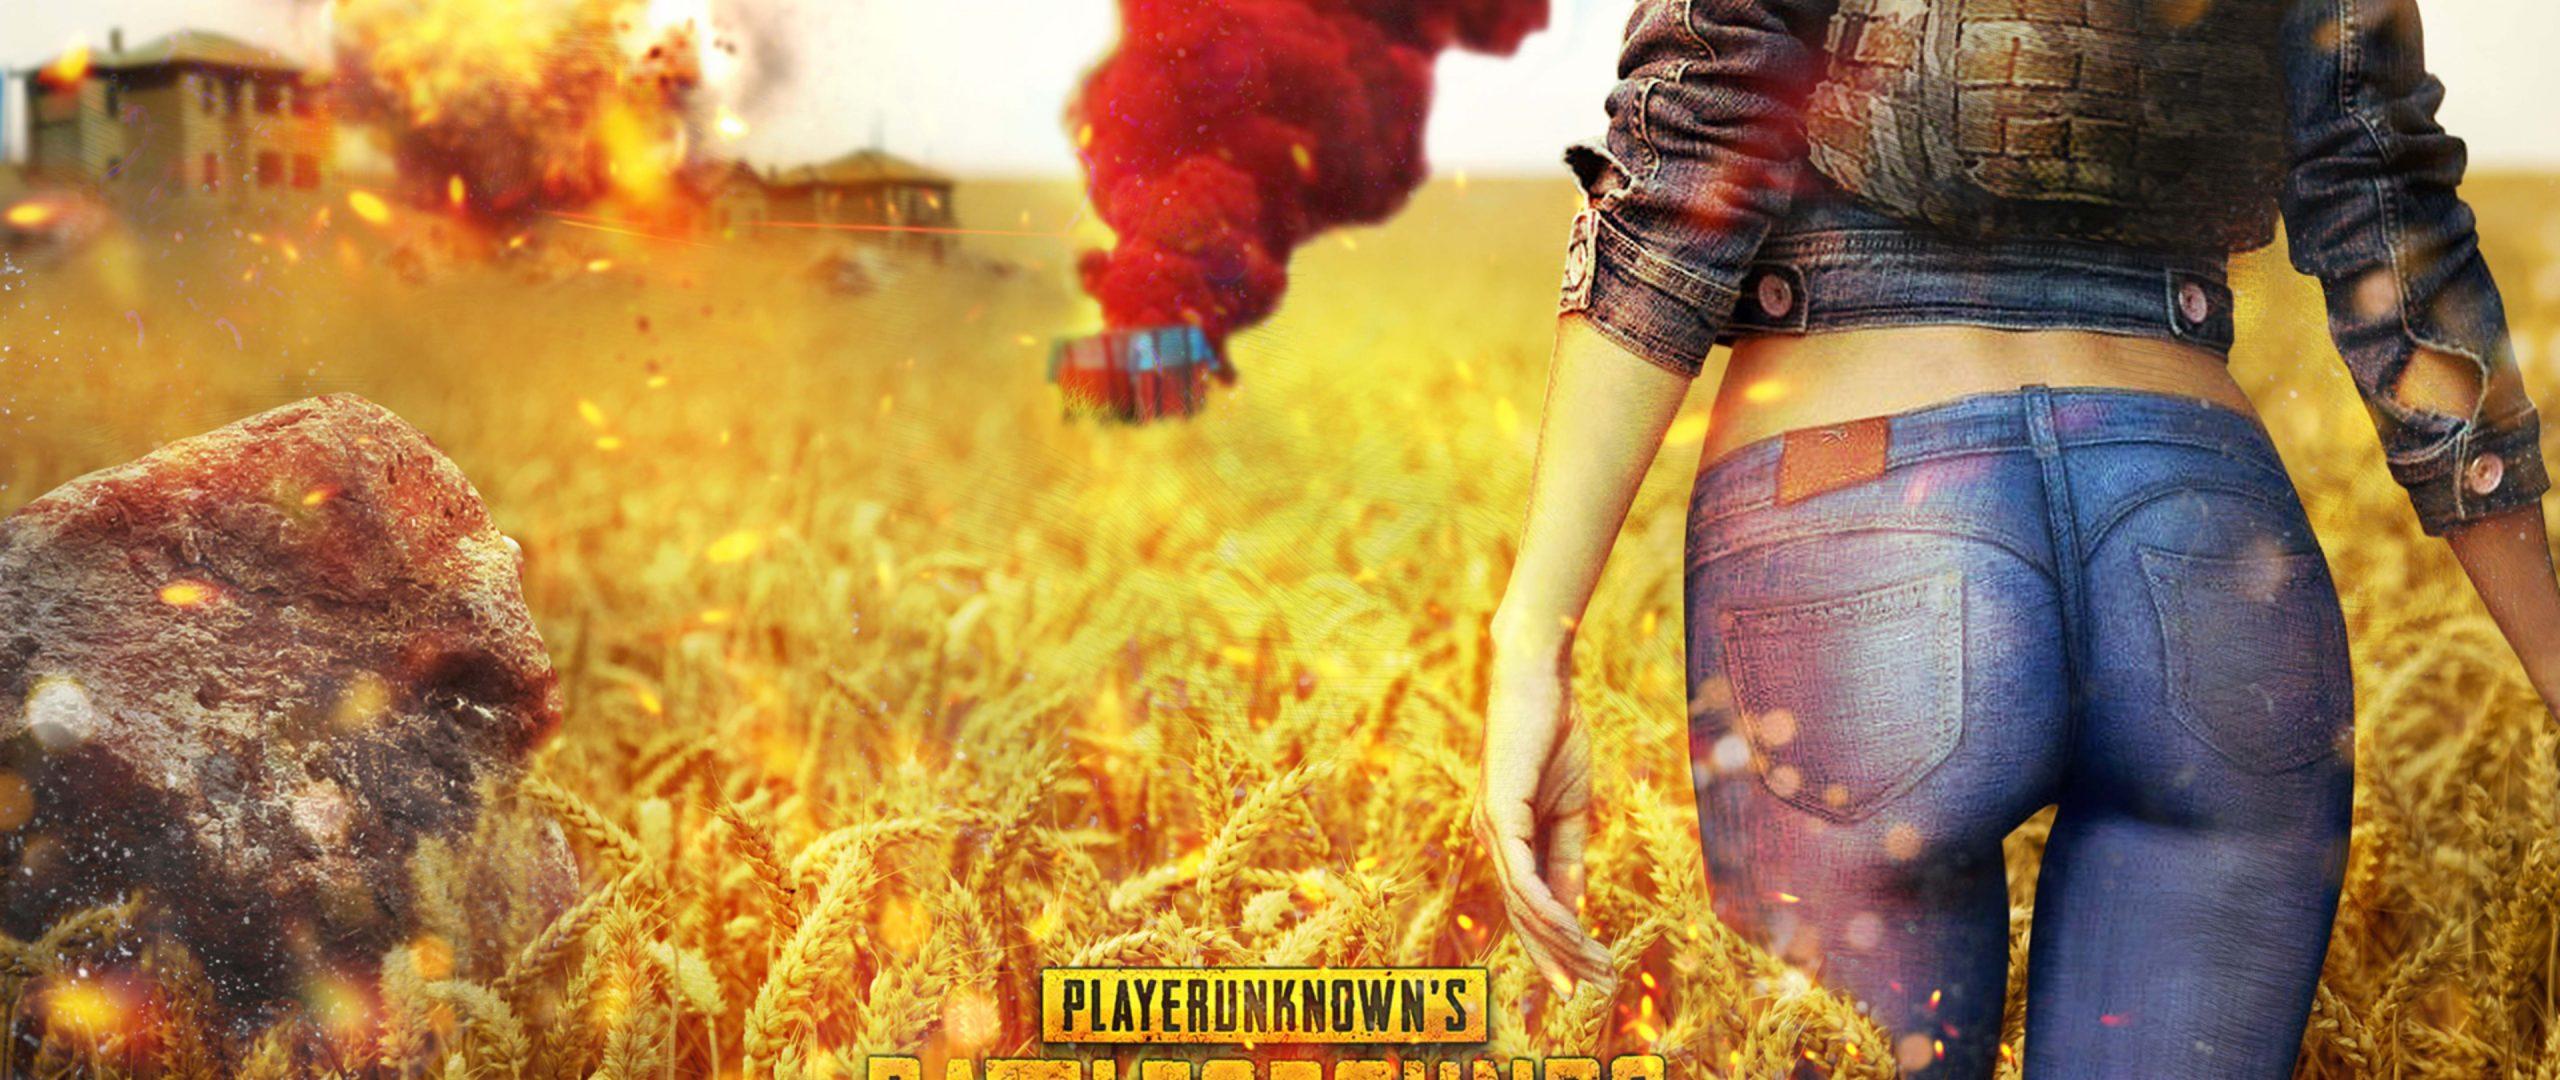 Playerunknowns Battlegrounds PUBG Cover 4K Wallpaper Best Wallpapers